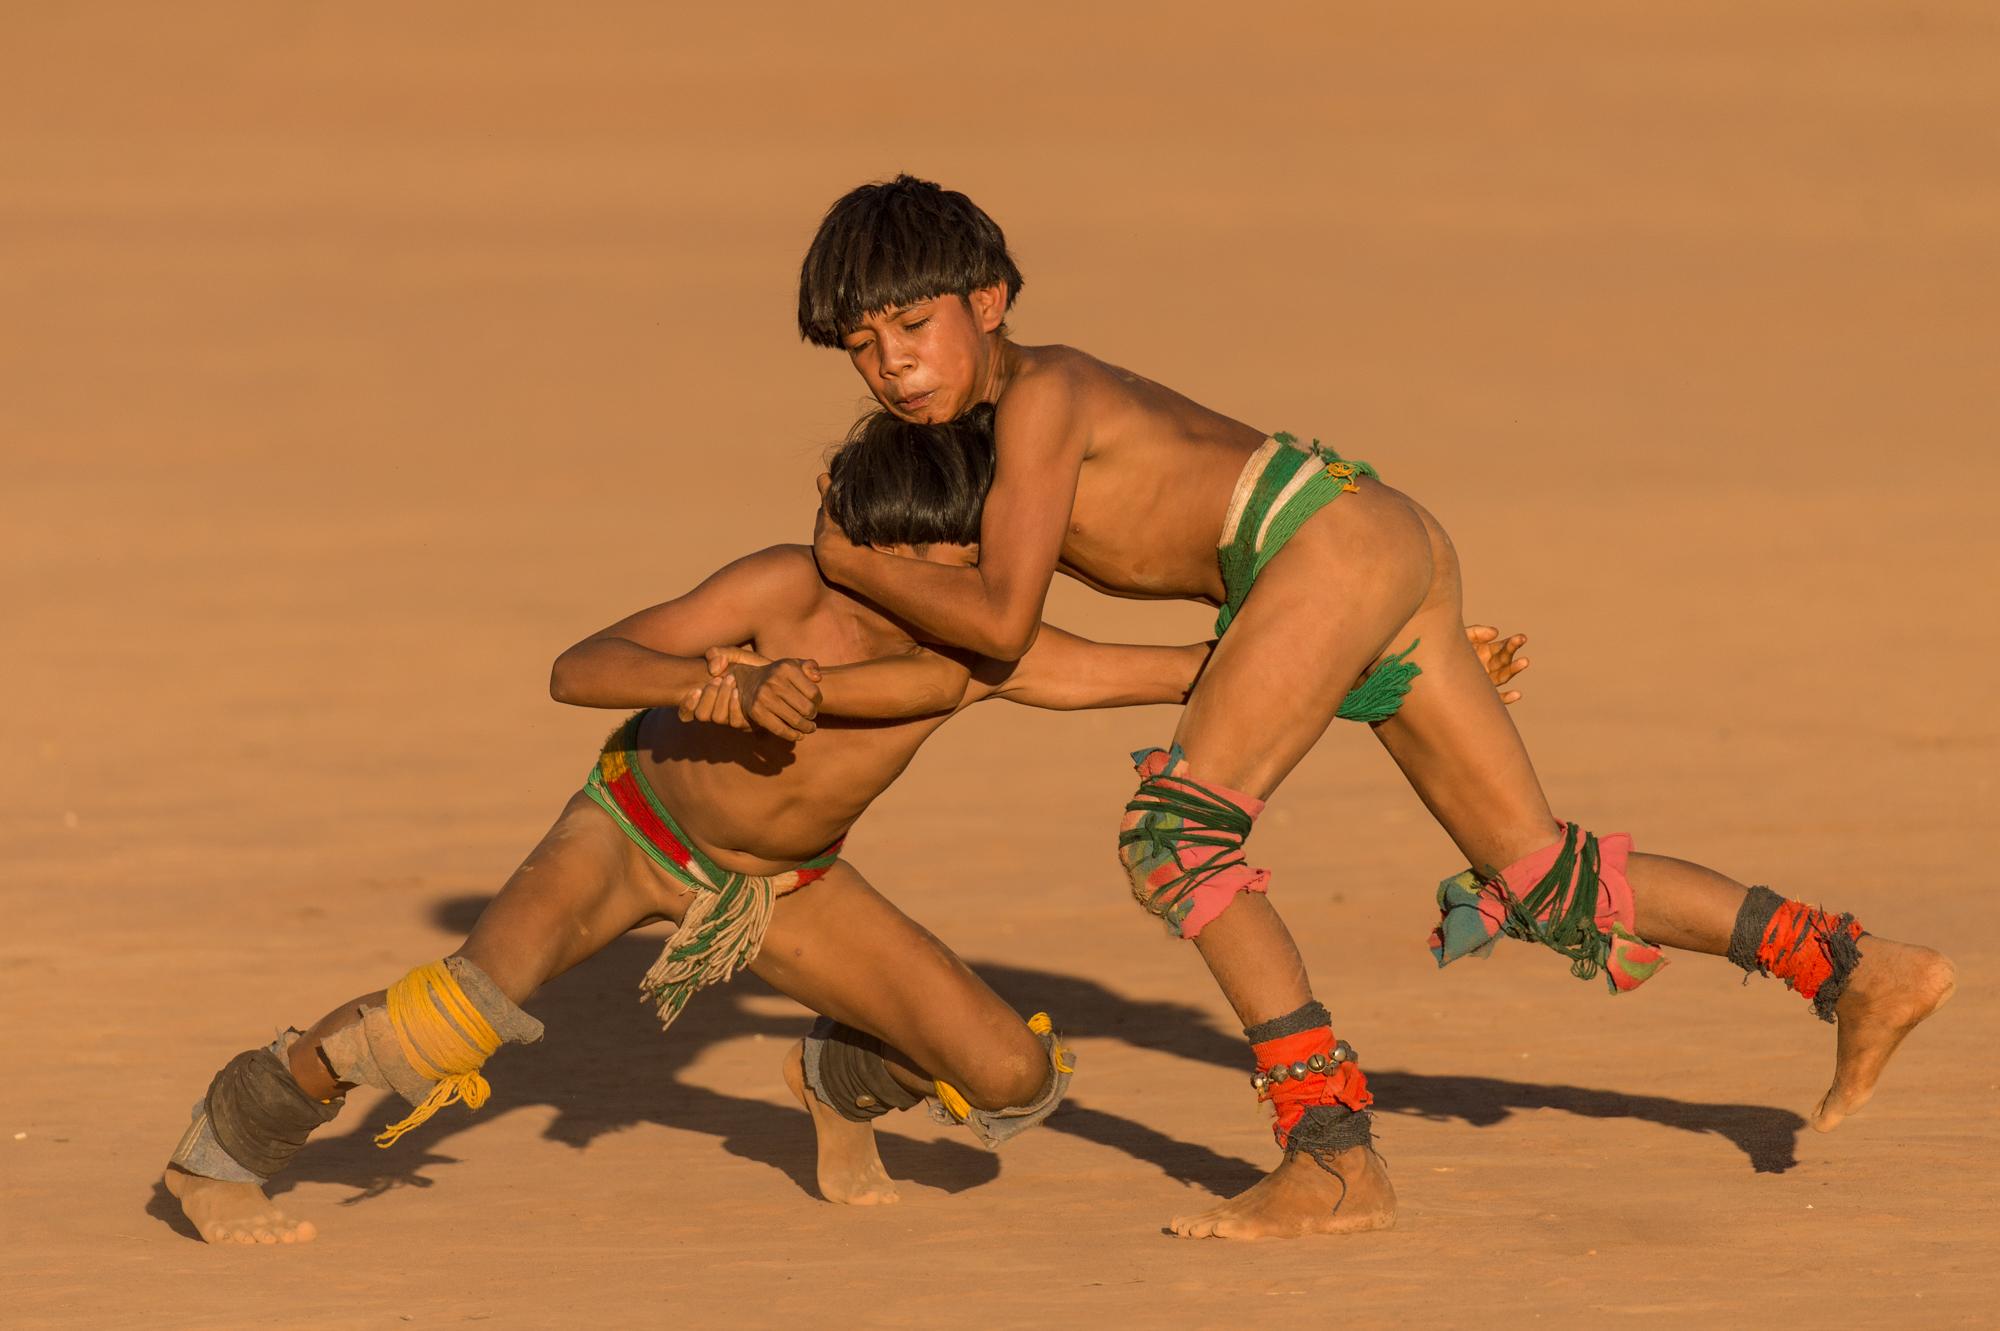 022_Mehinaku_Amazonas_Brasilien_WEB